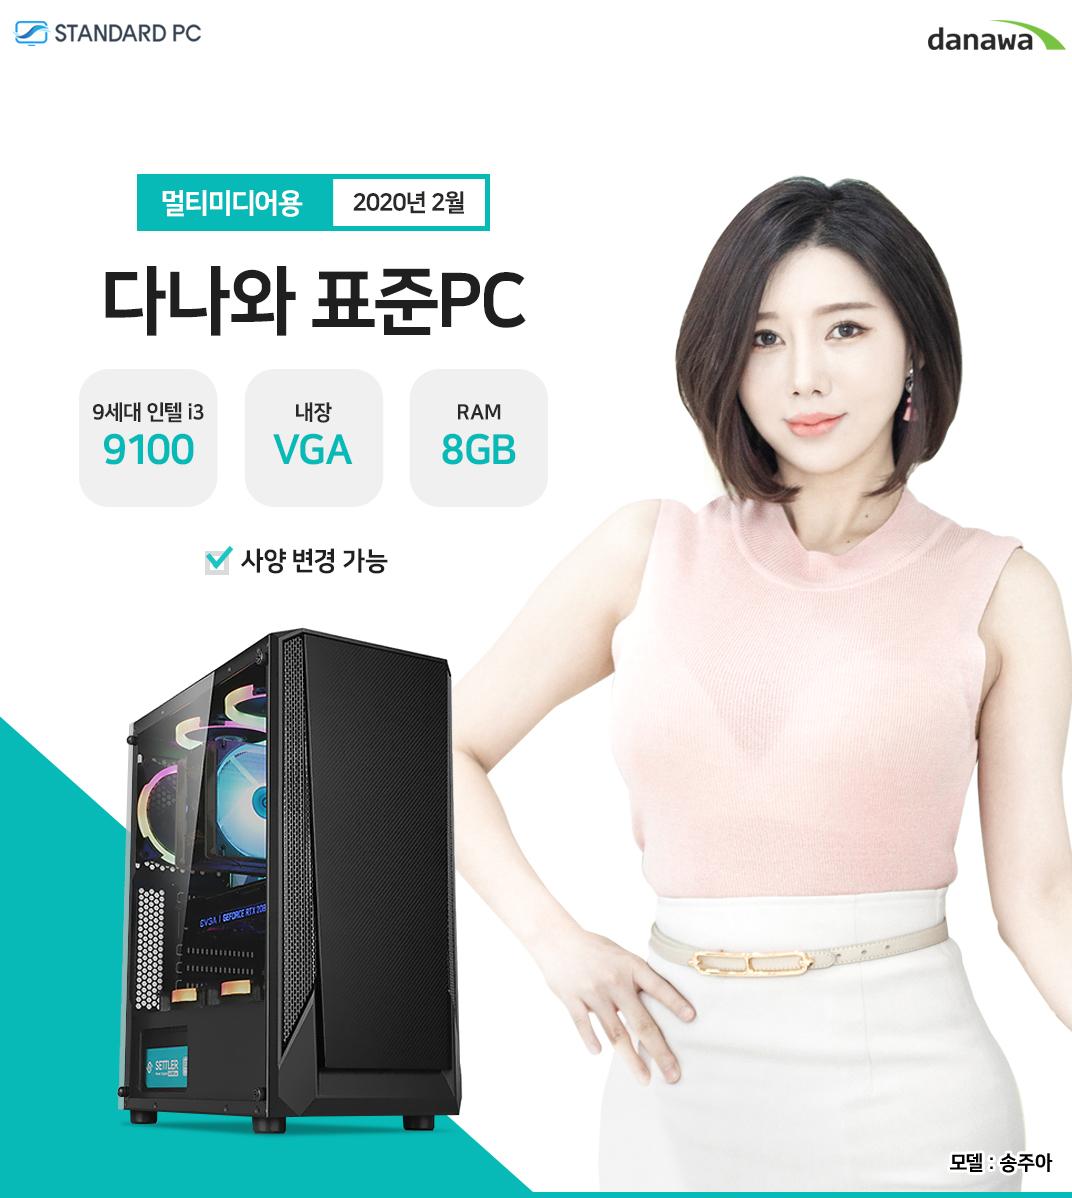 2020년 02월 다나와 표준PC 멀티미디어용 인텔 코어i3-9세대 9100 내장 VGA RAM 8G 모델 송주아